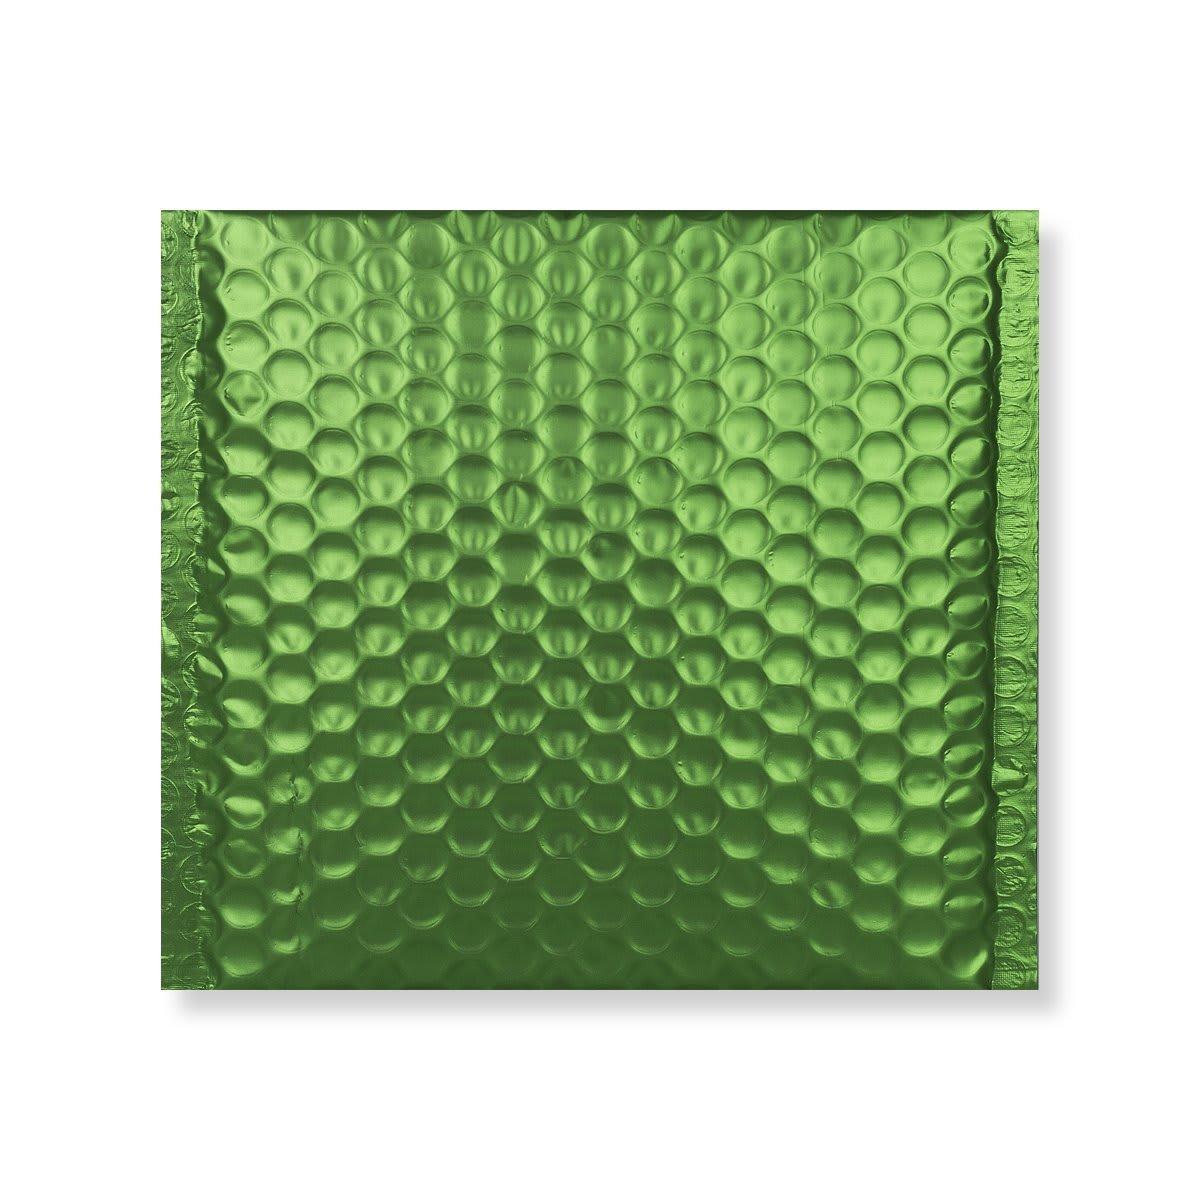 165MM SQUARE MATT METALLIC GREEN PADDED ENVELOPES